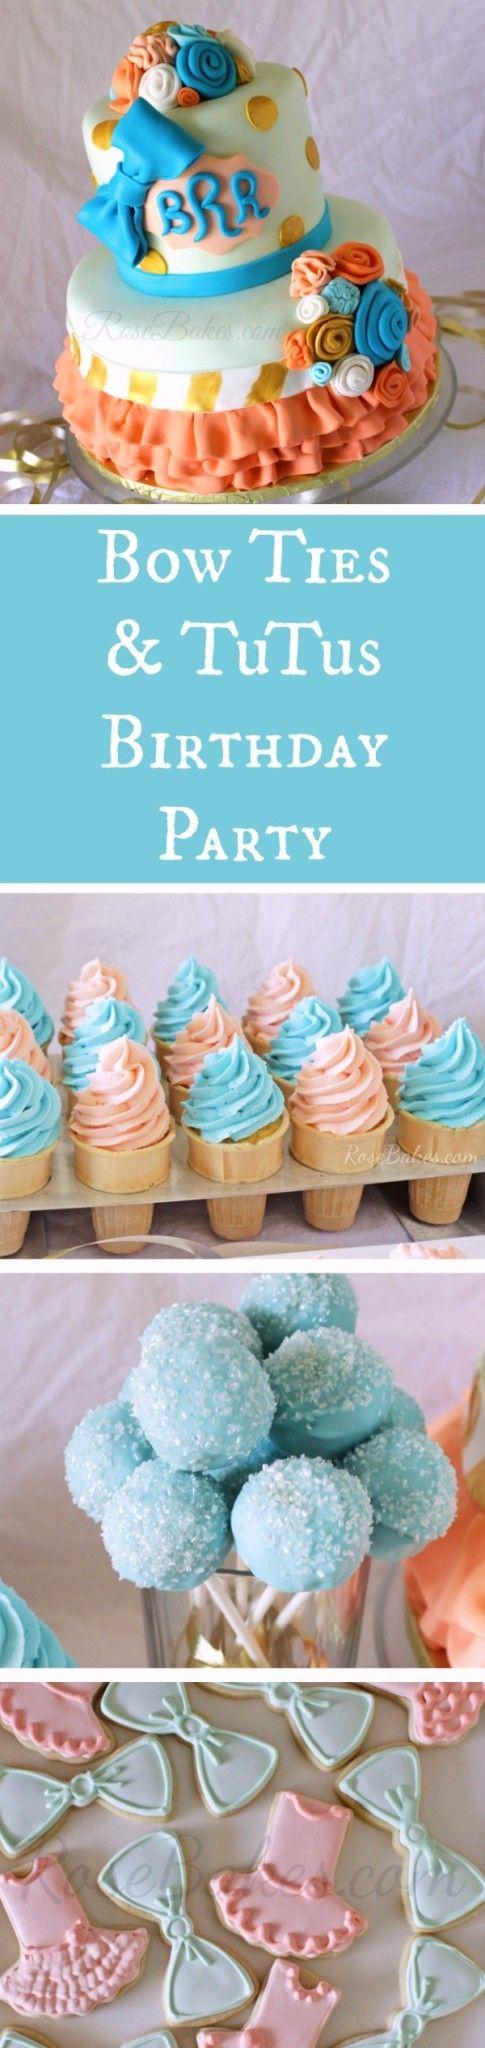 Bow Ties & Tutus Birthday Party RoseBakes.com